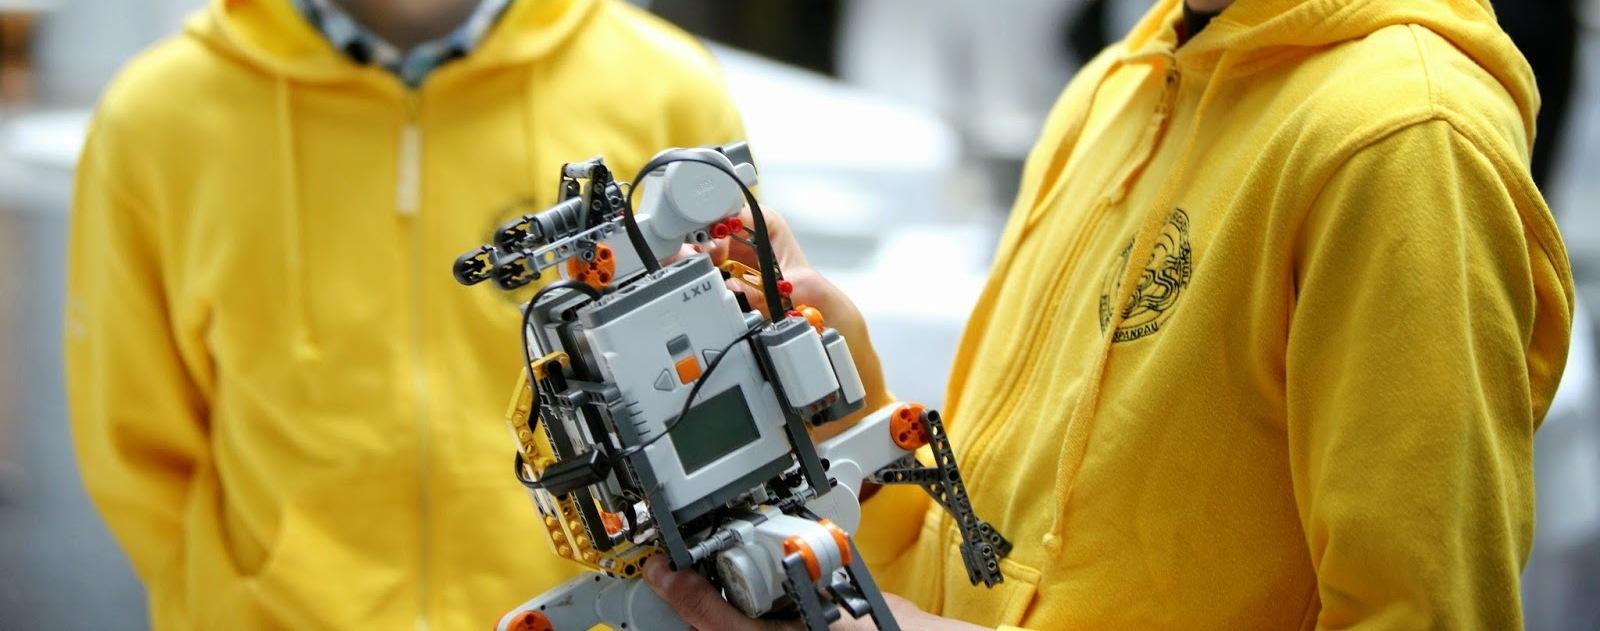 Open Roberta: Google Helps School Kids Program With Robots